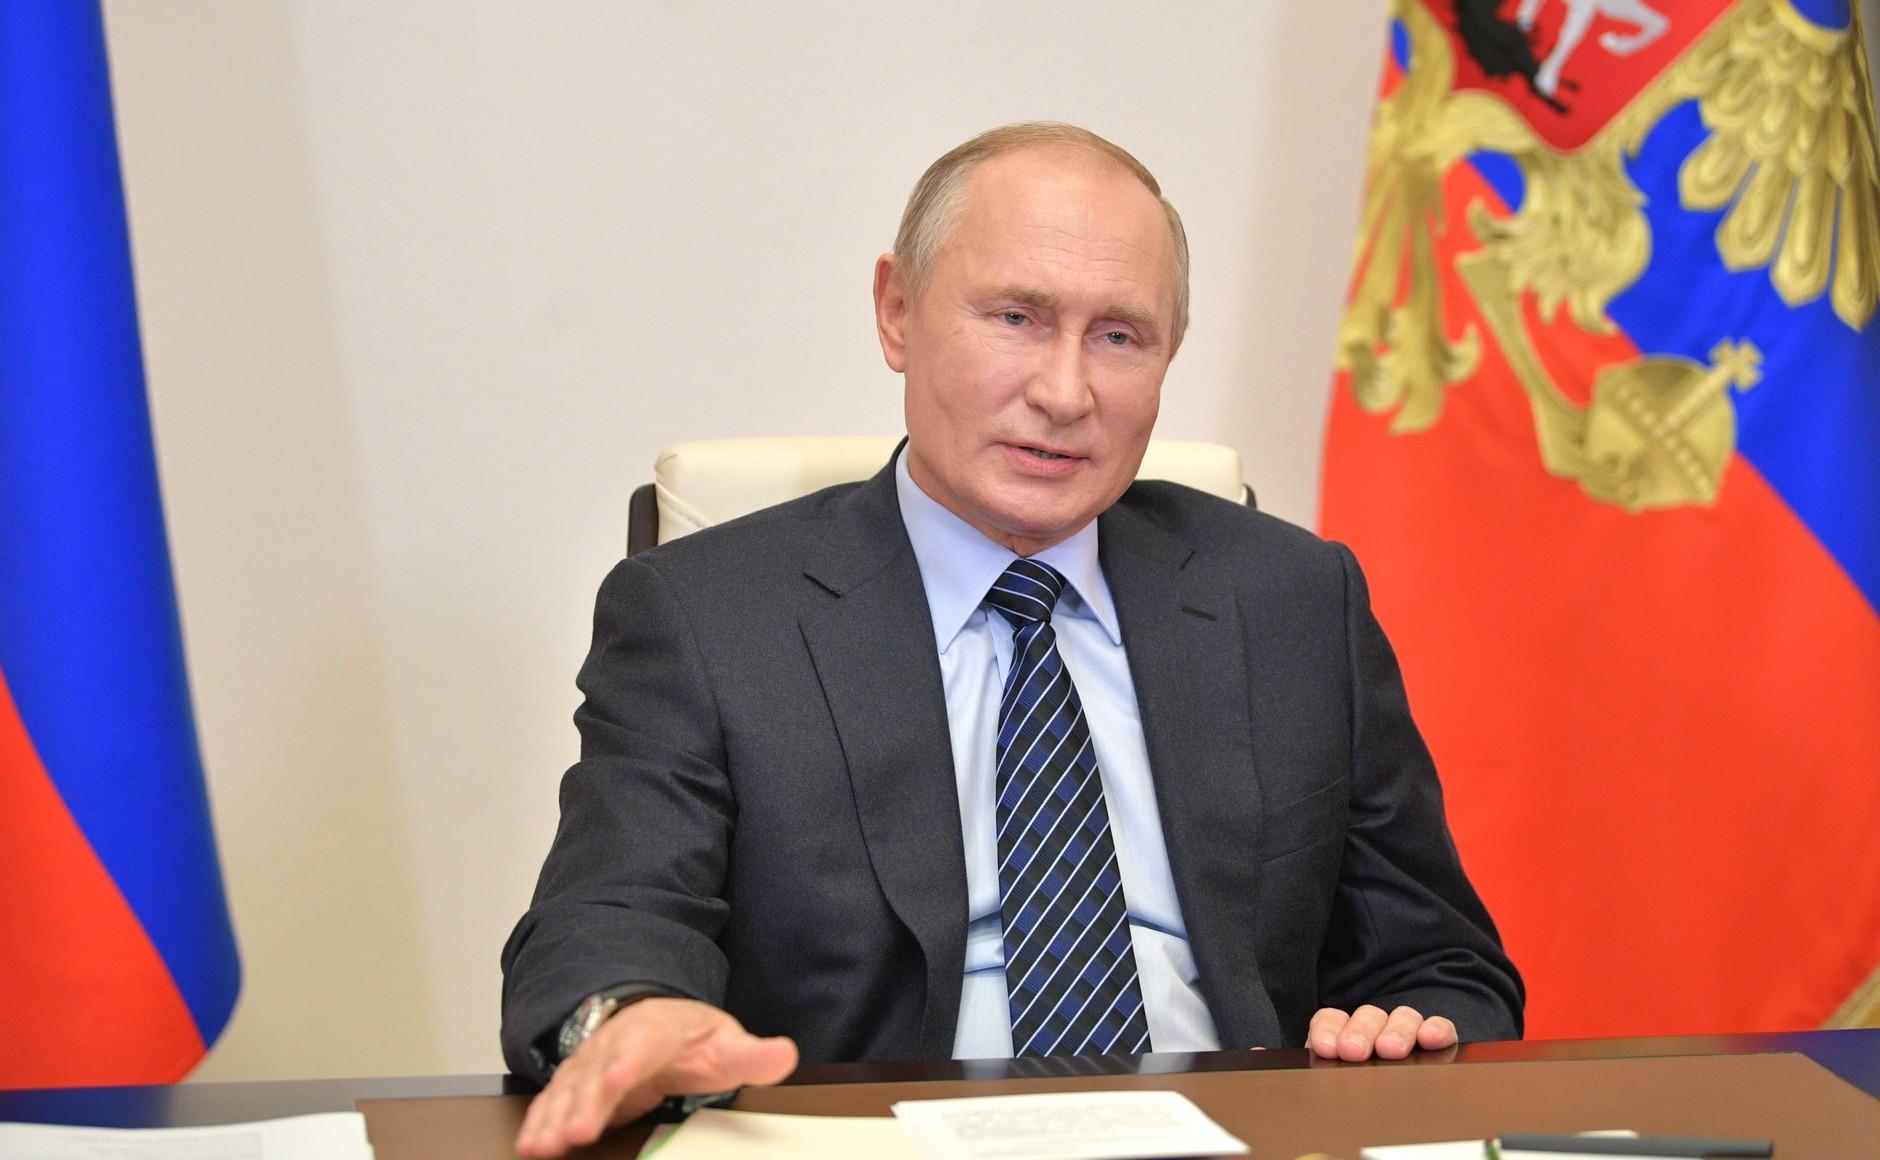 KREMLIN PH 3 XX 3 DU 21.10.2020. Rencontre avec des membres du conseil d'administration de l'Union russe des industriels et entrepreneurs (par vidéoconférence).